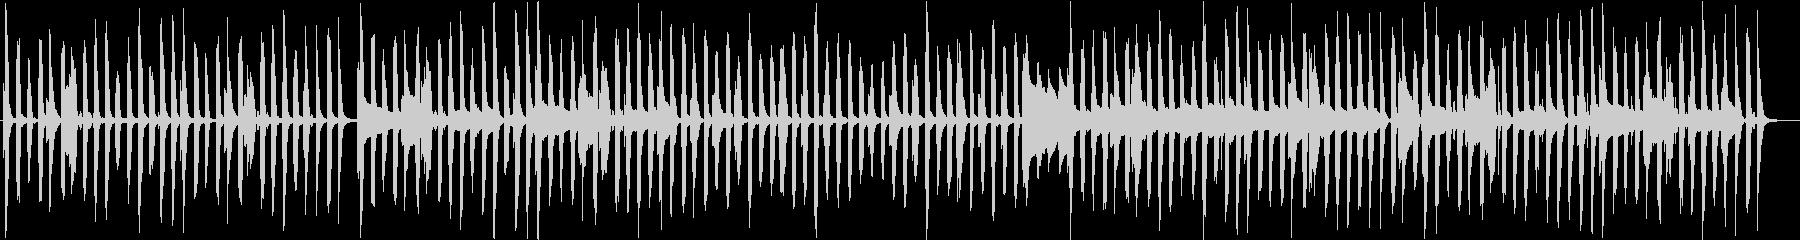 コミカルな要素を含んだ日常BGMですの未再生の波形